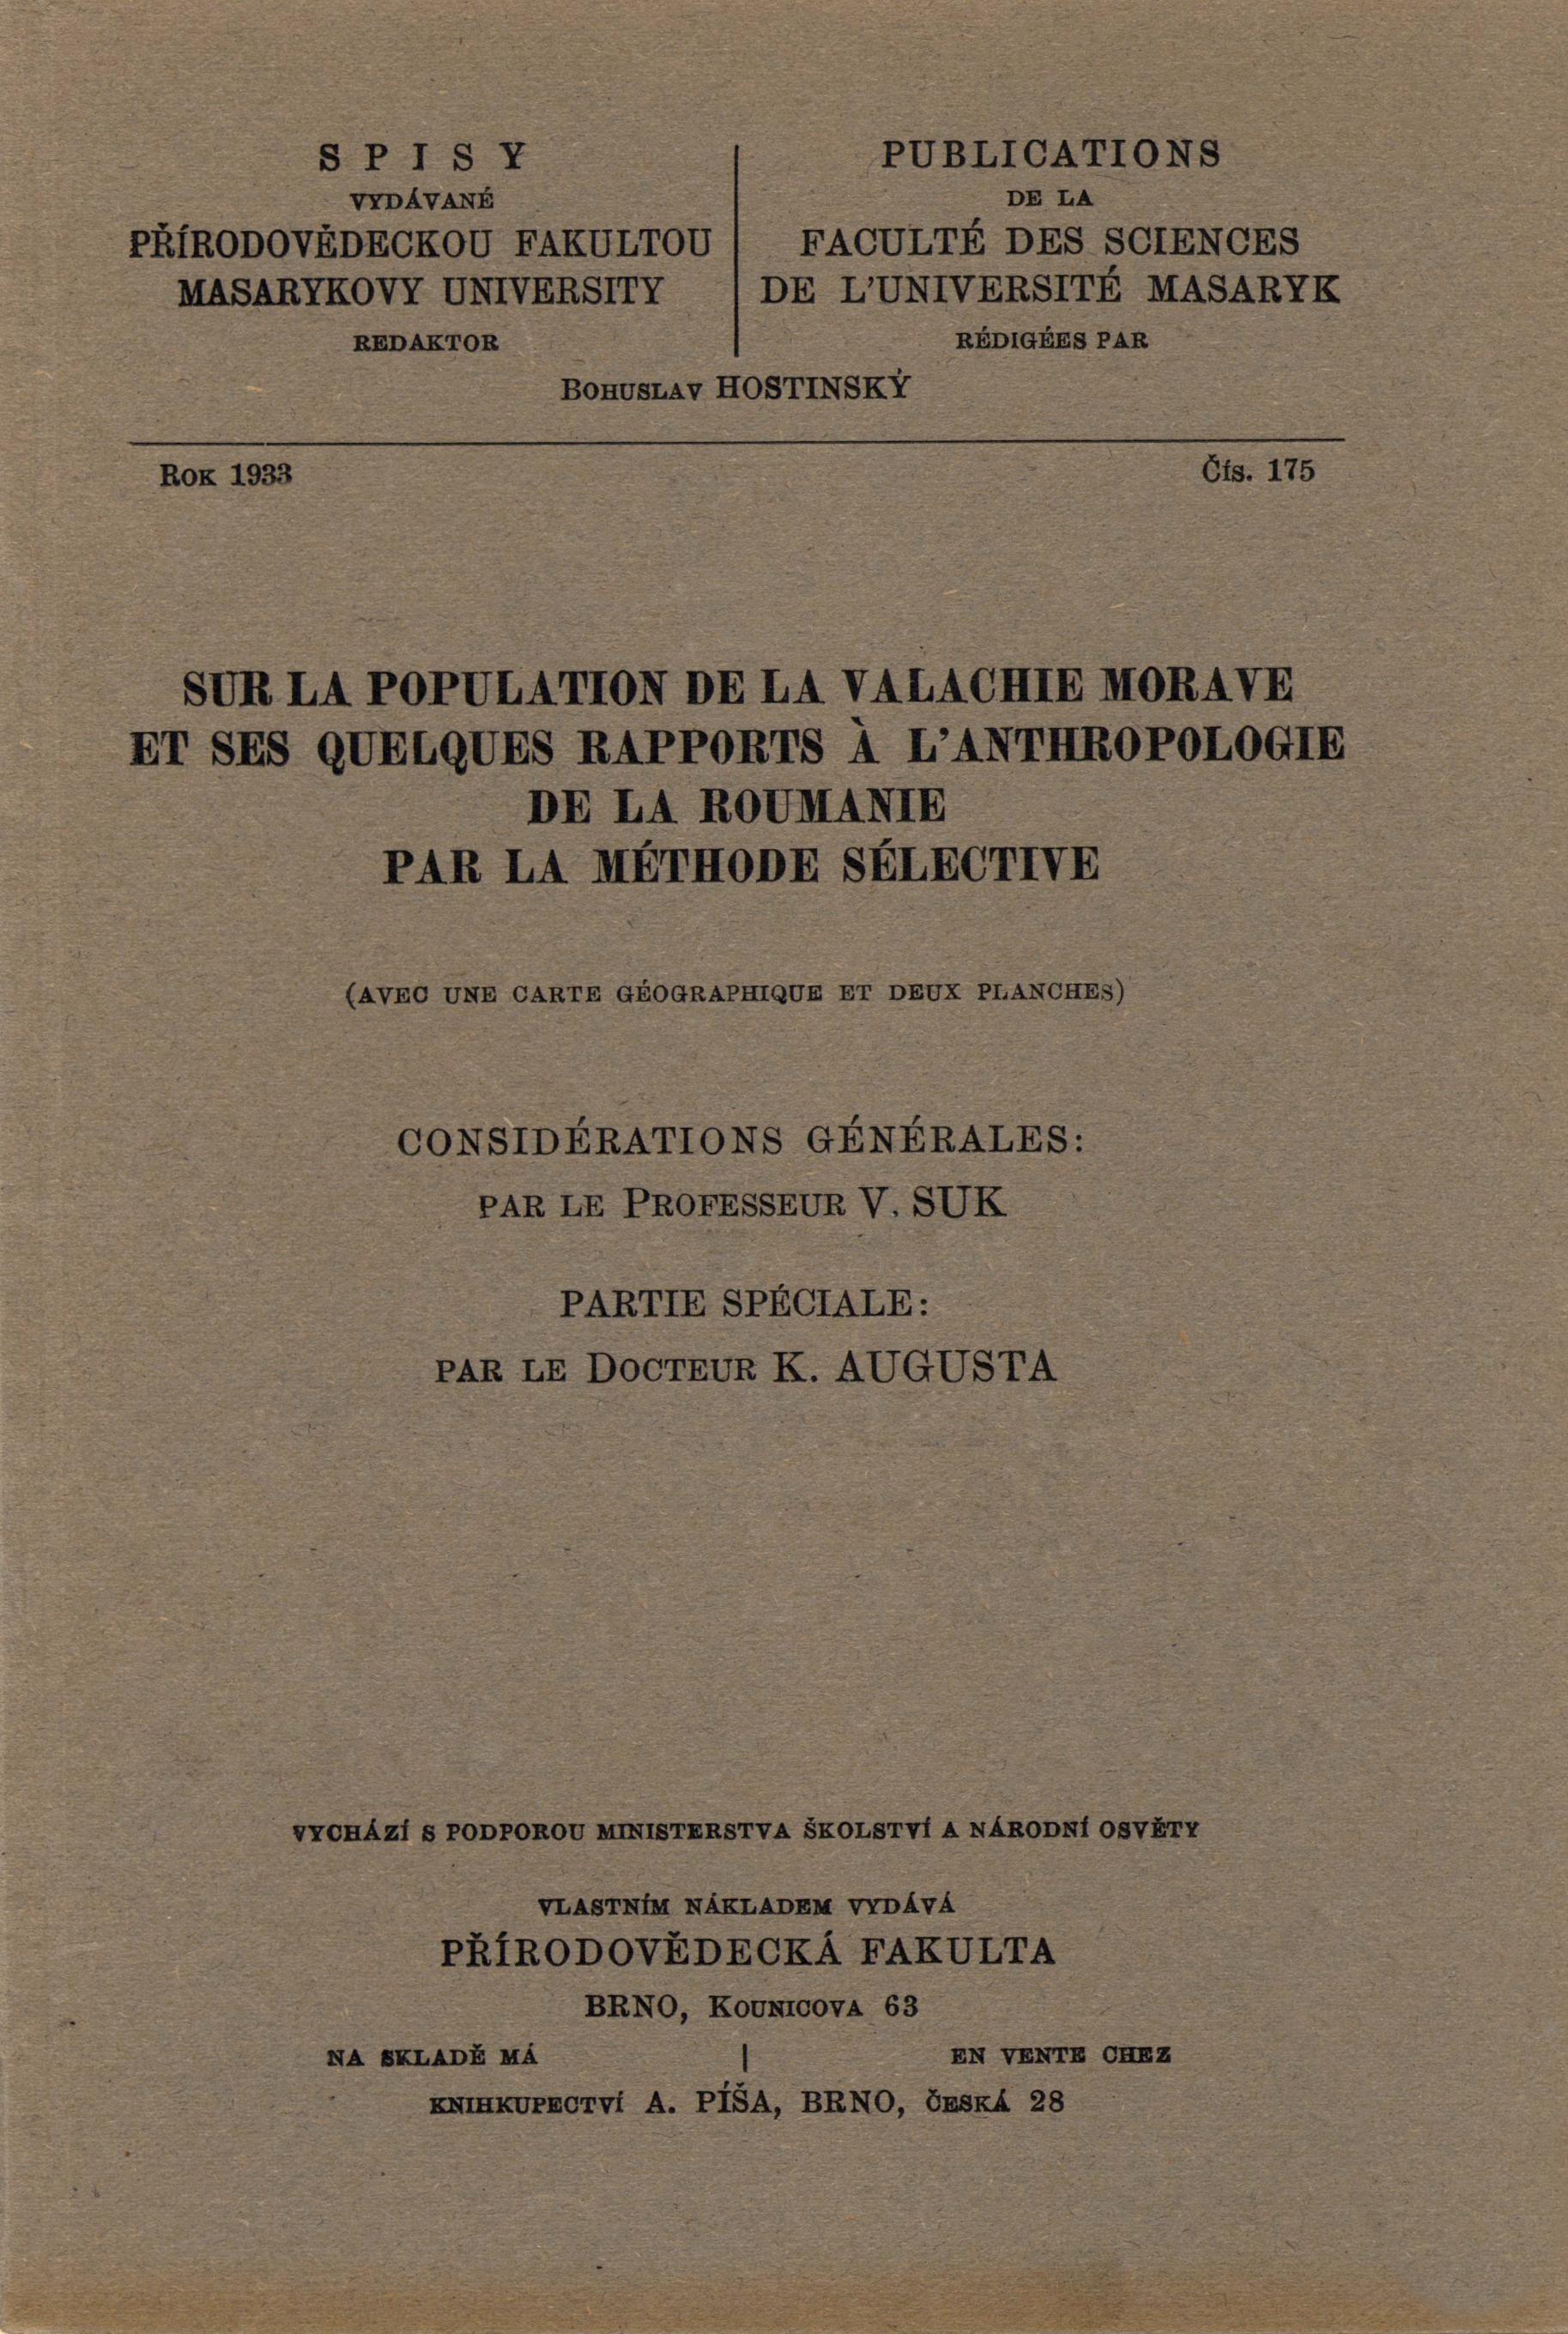 Obálka pro Sur la population de la Valachie morave et des quelques rapports a l'anthropologie de Roumanie de la méthode sélective : avec une carte géographique et deux planches